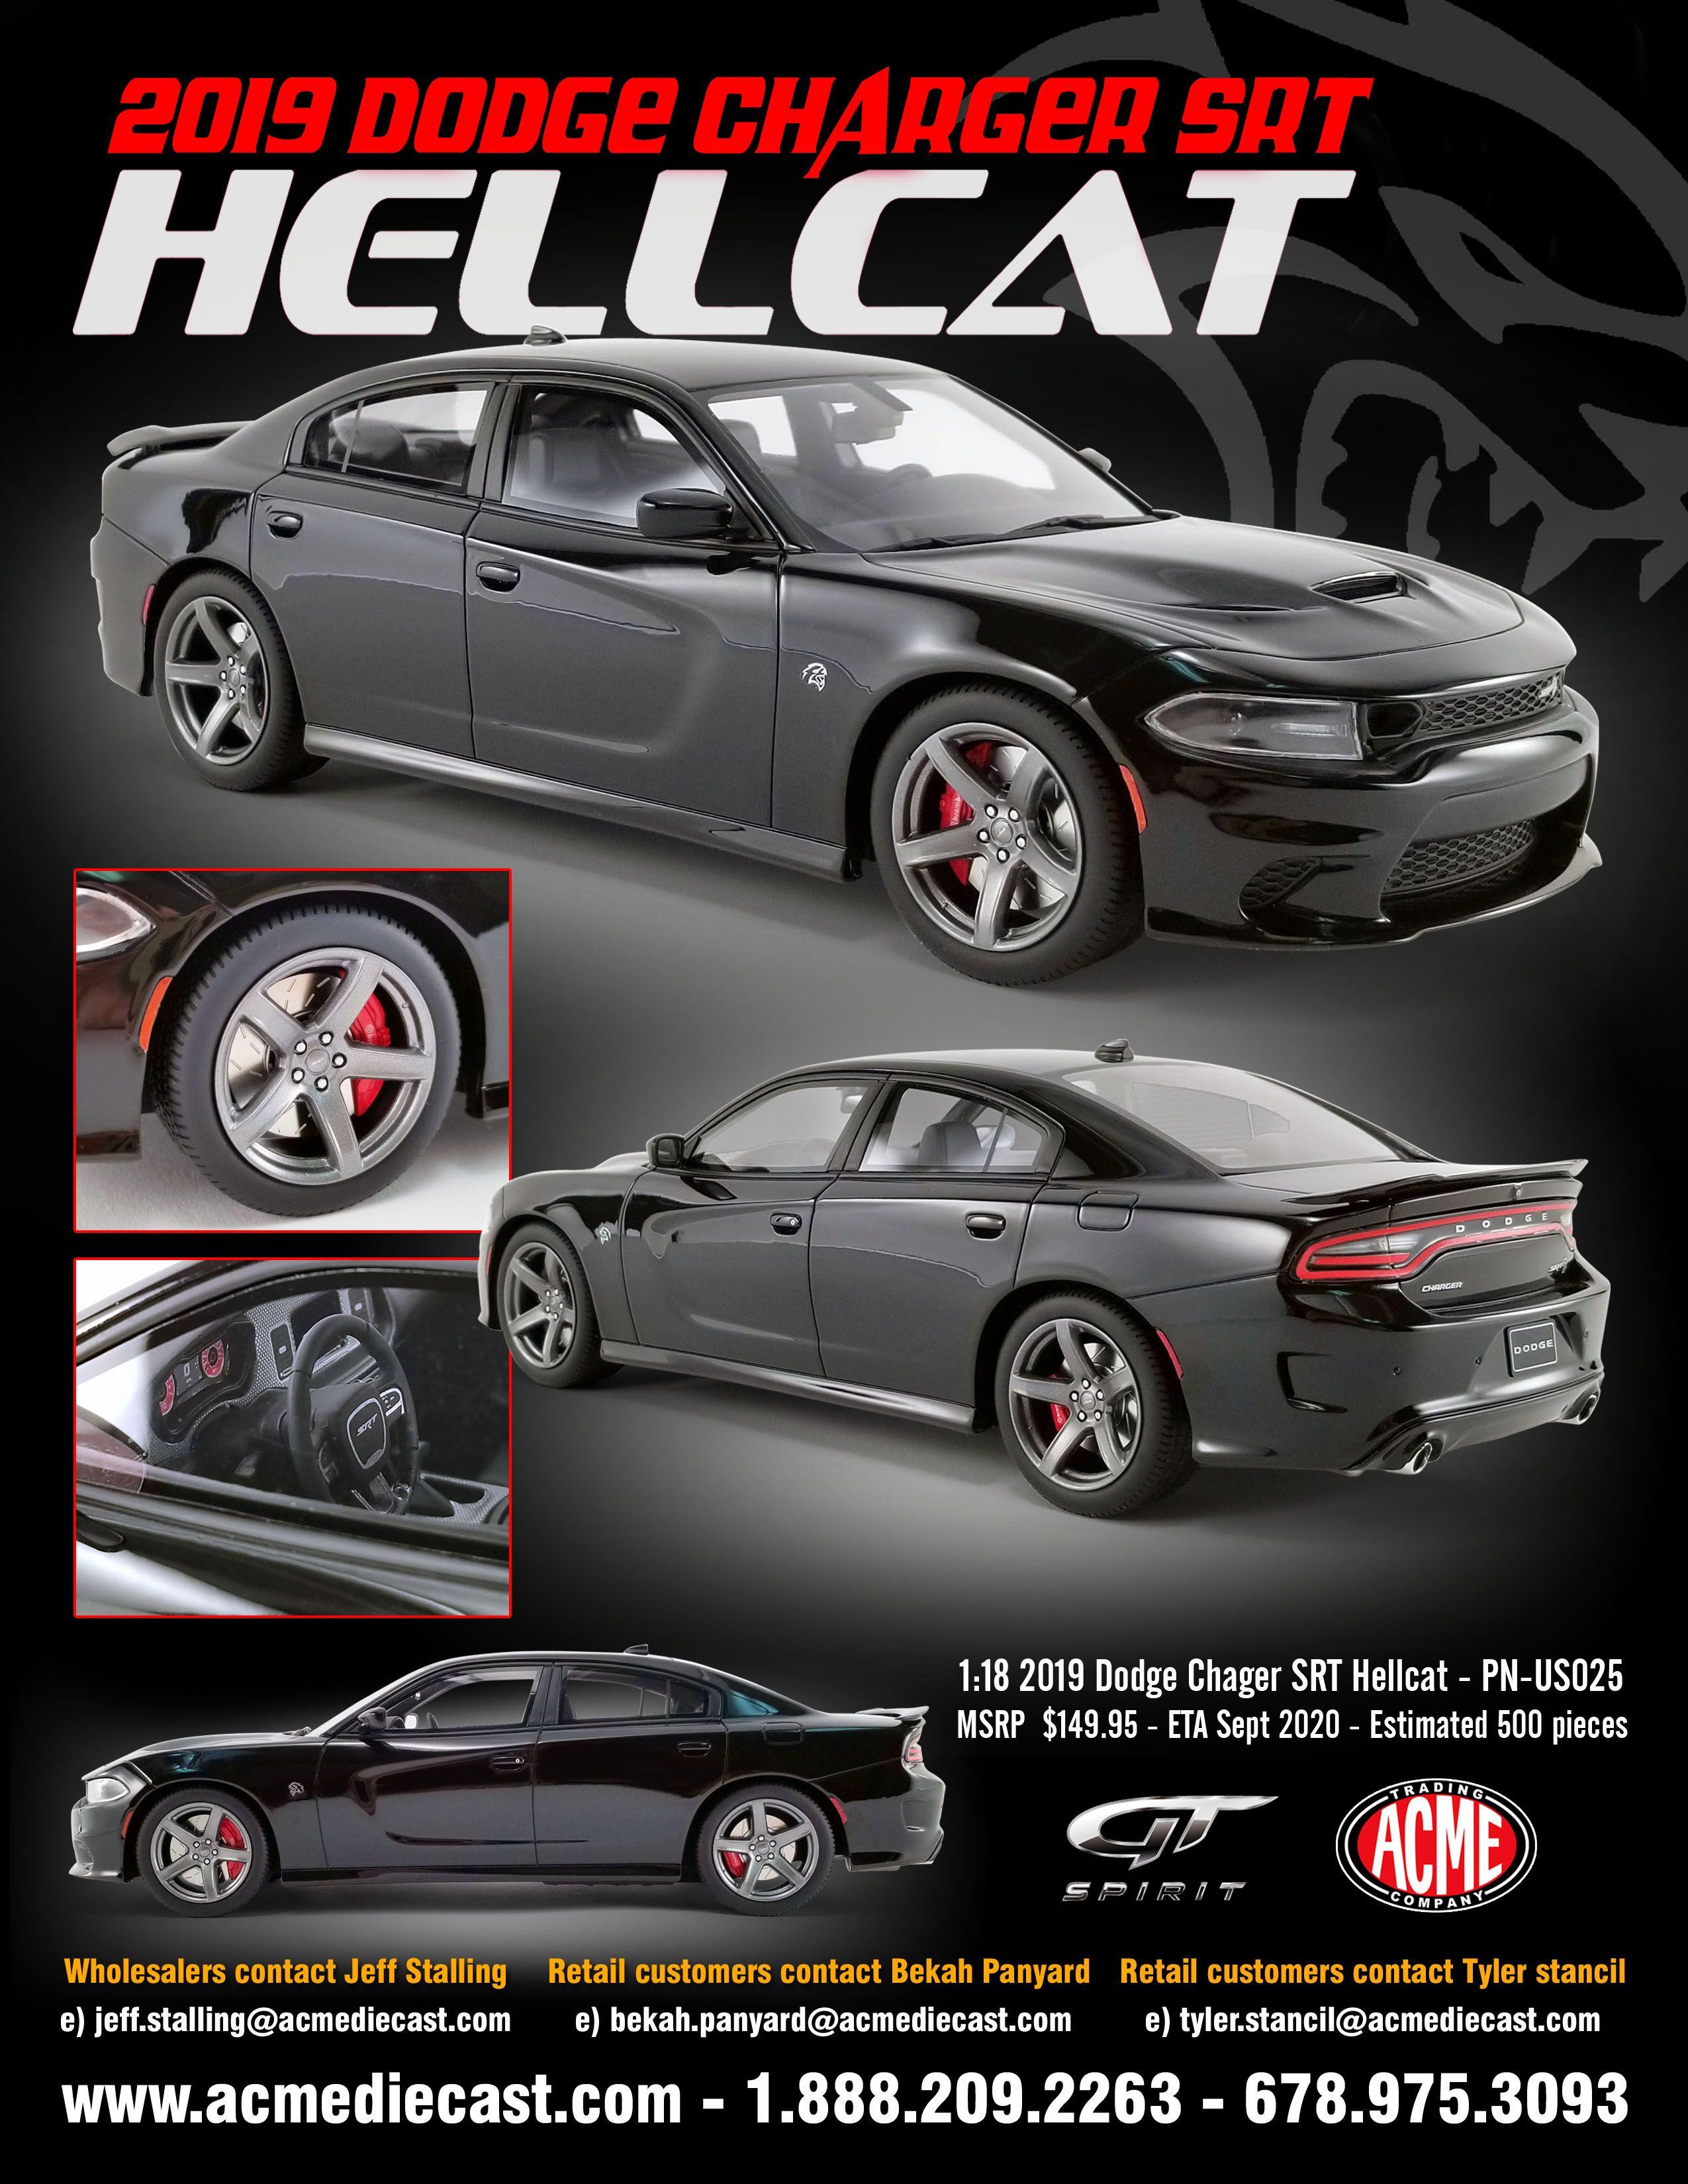 2019 Dodge Challenger Srt Hellcat In 2020 Dodge Challenger Srt Challenger Srt Hellcat Dodge Challenger Srt Hellcat